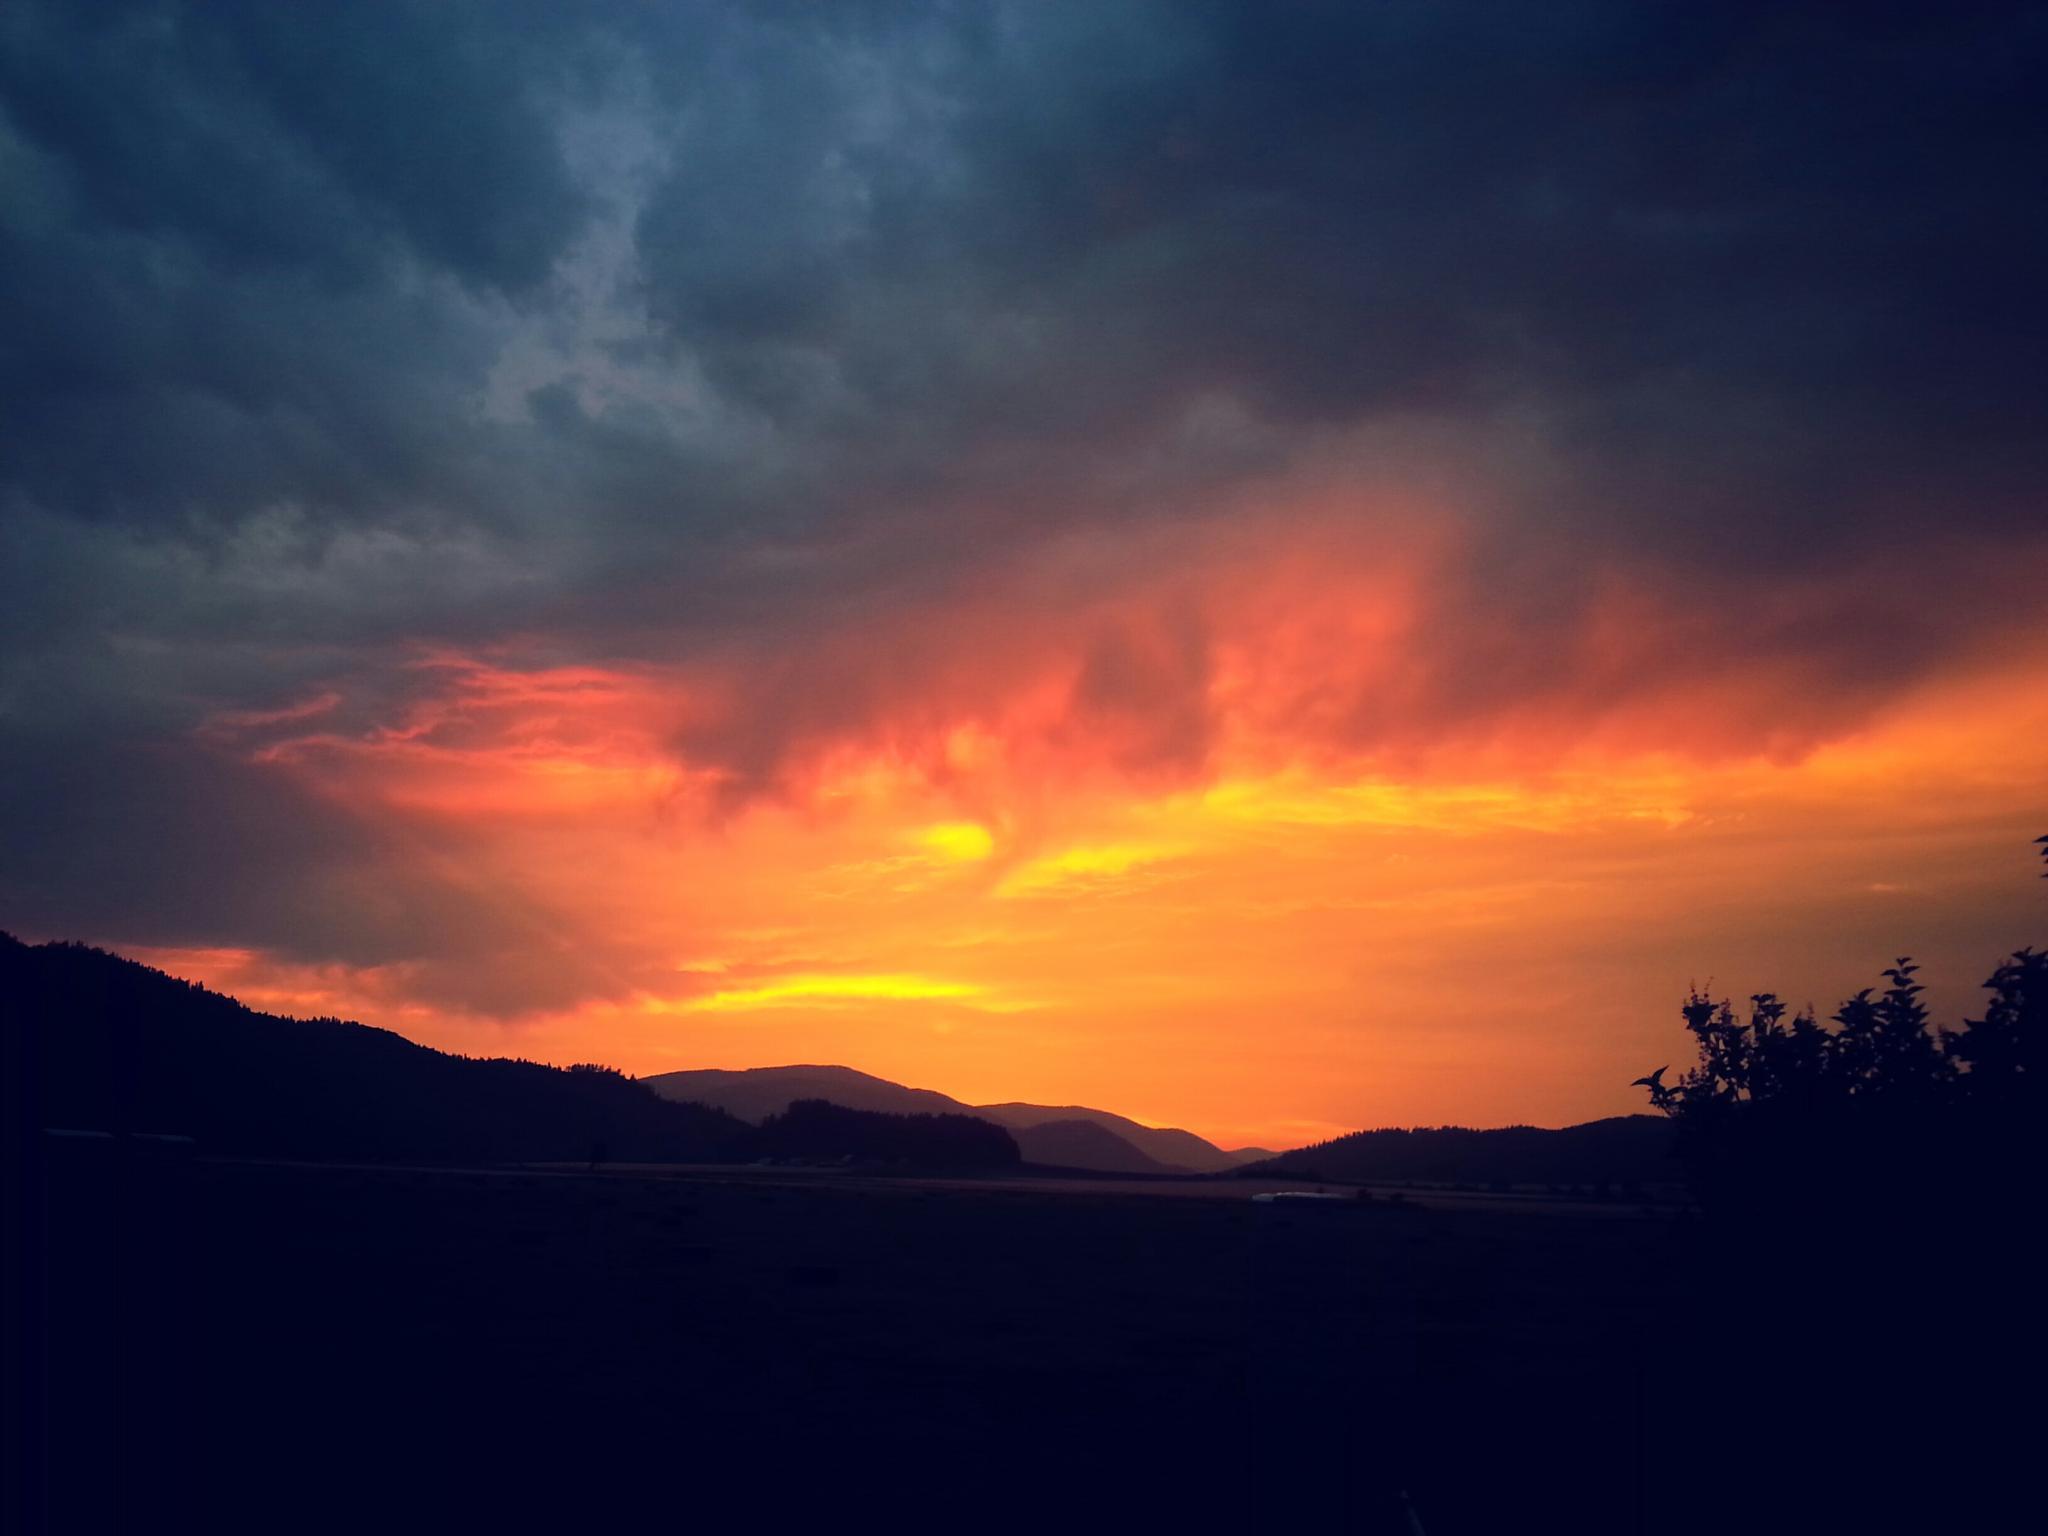 sky blaze by dawn.brown.7927